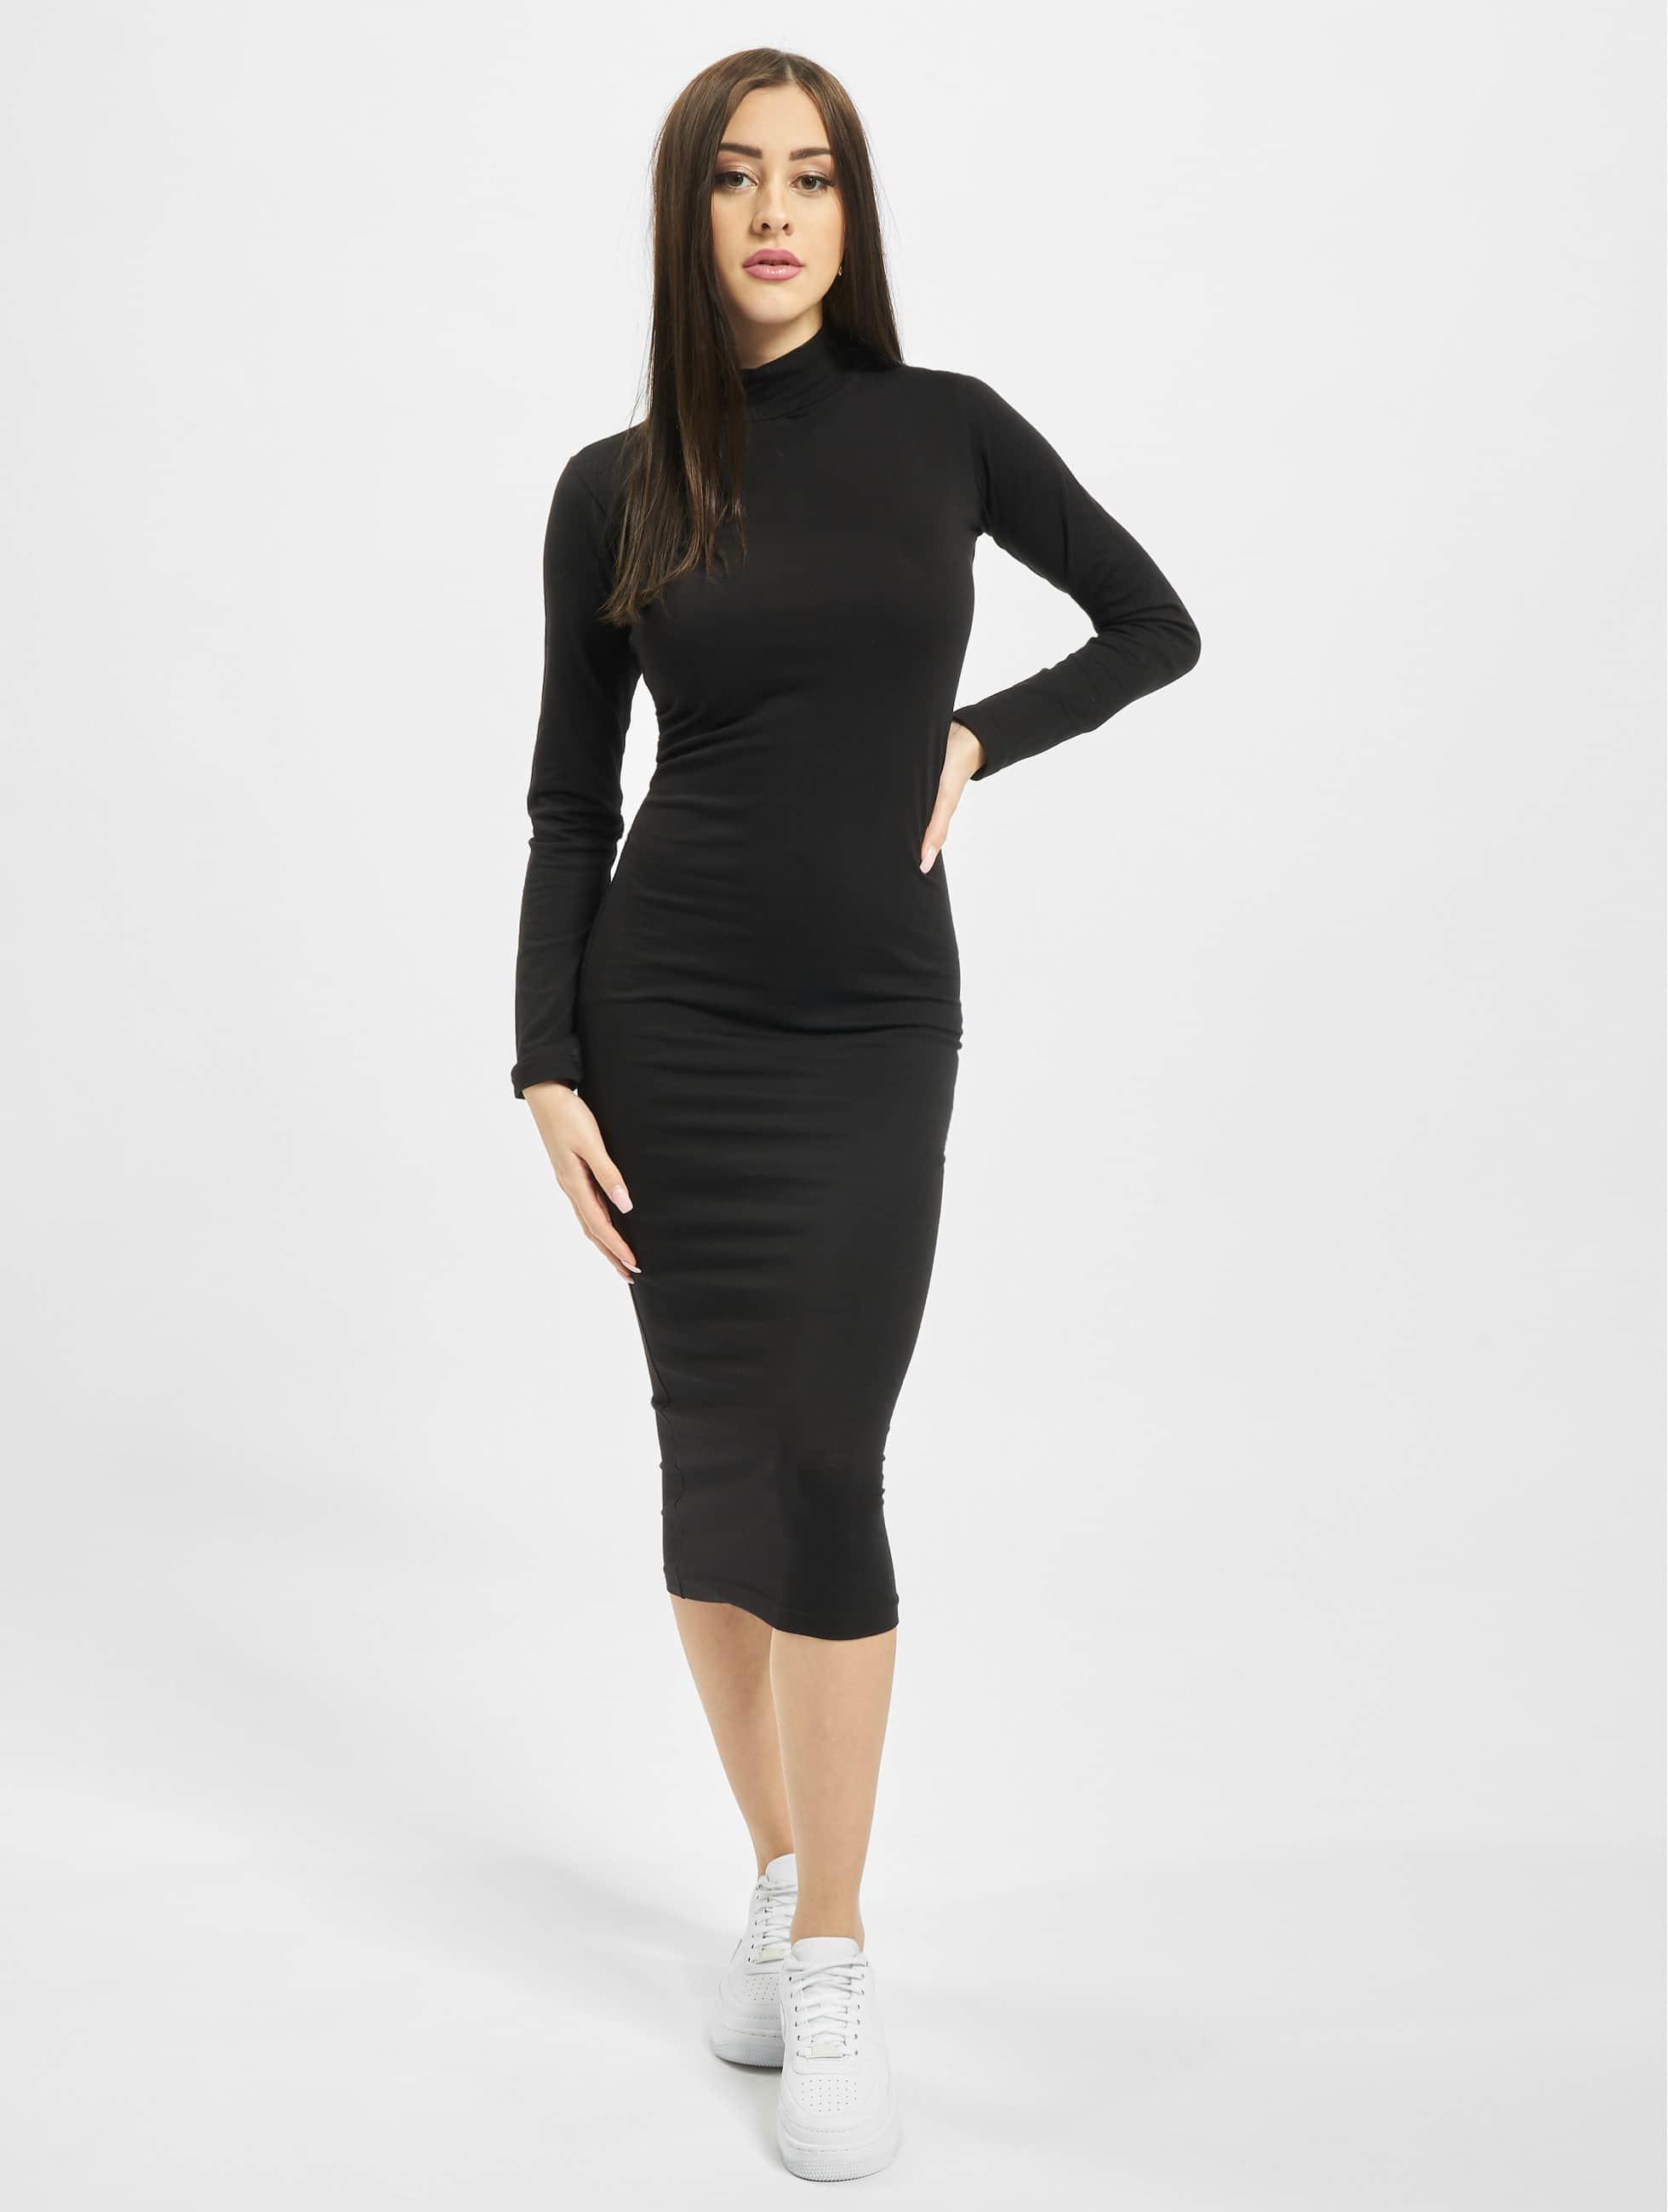 DEF / Dress Selma in black XS